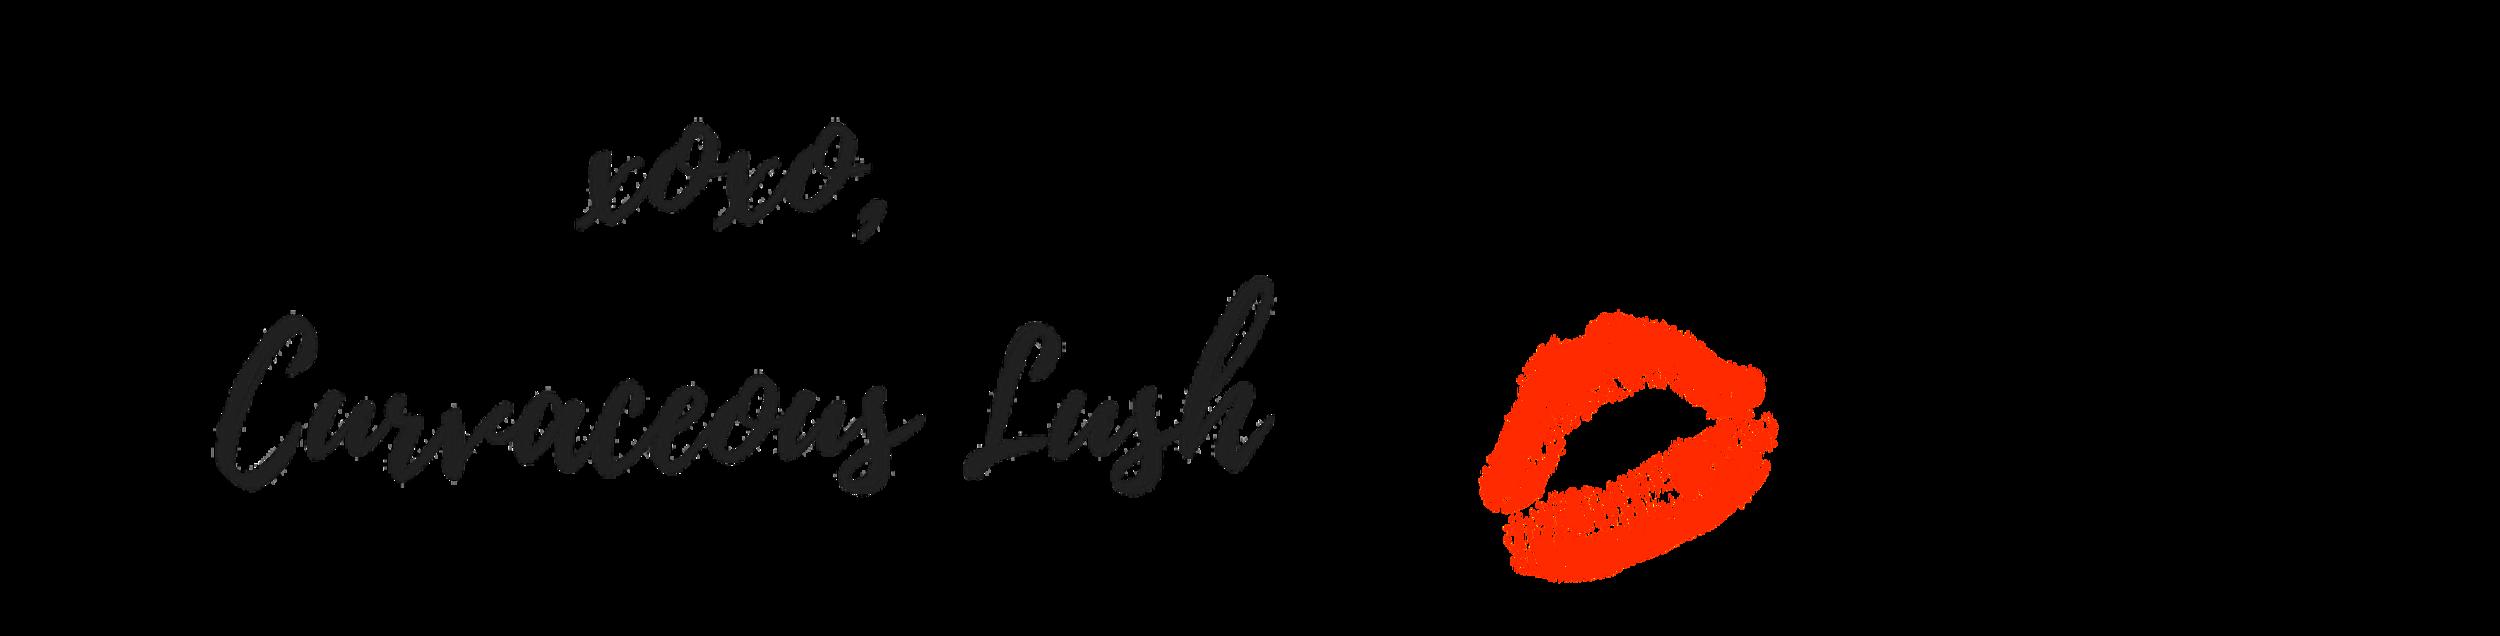 xoxo Curvaceous Lush